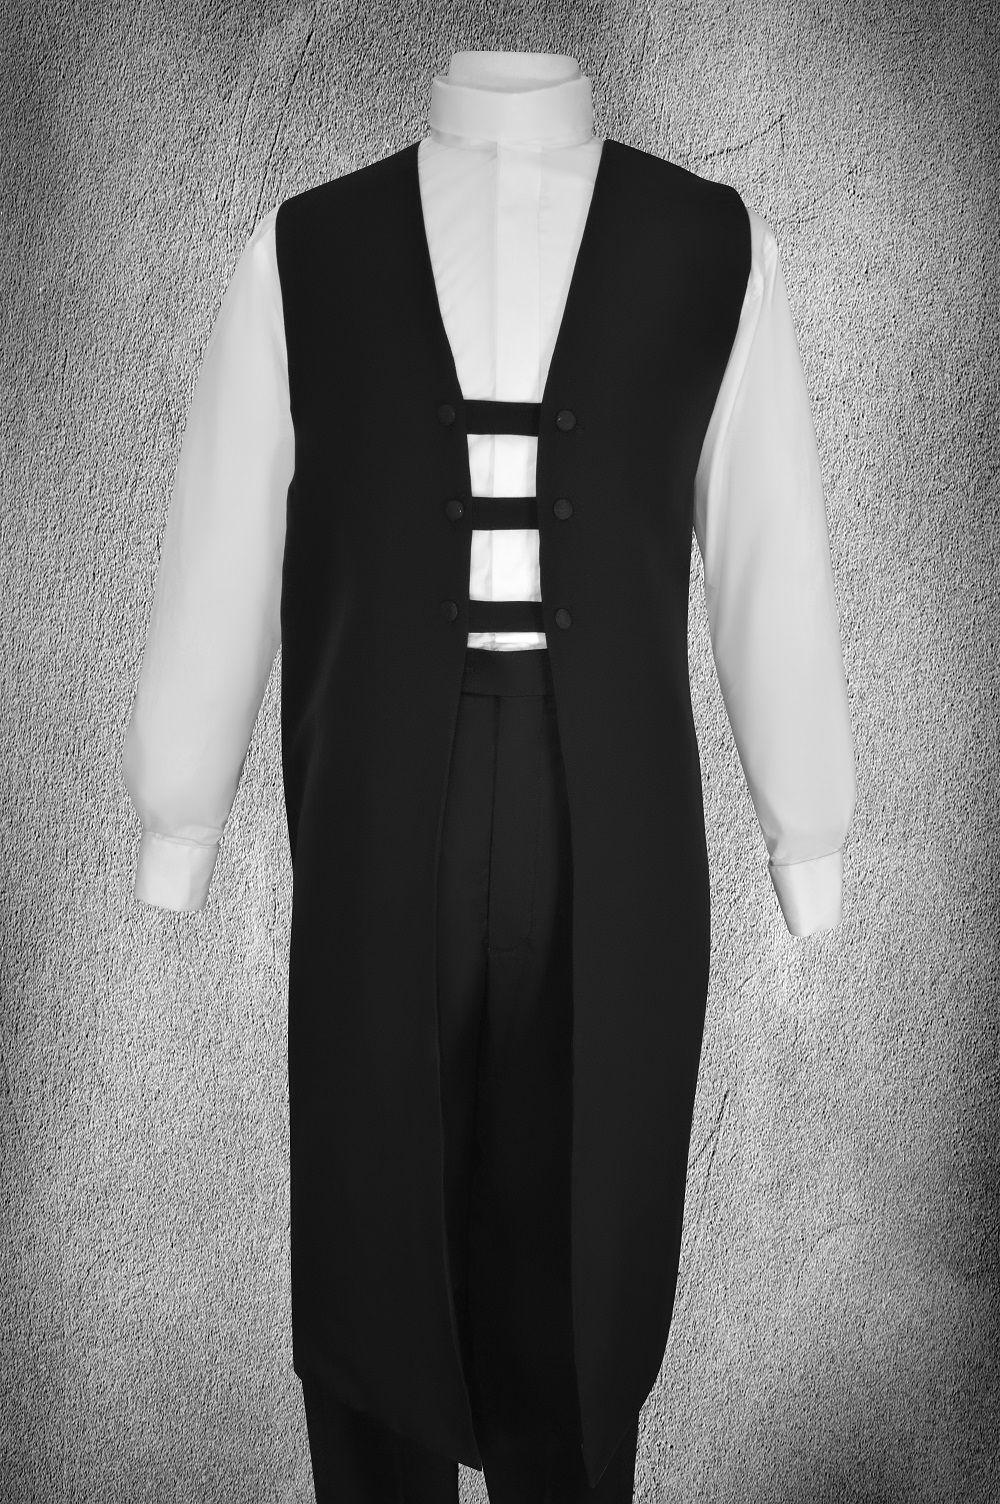 Ministerial Full Collar Vesture Set Black/White